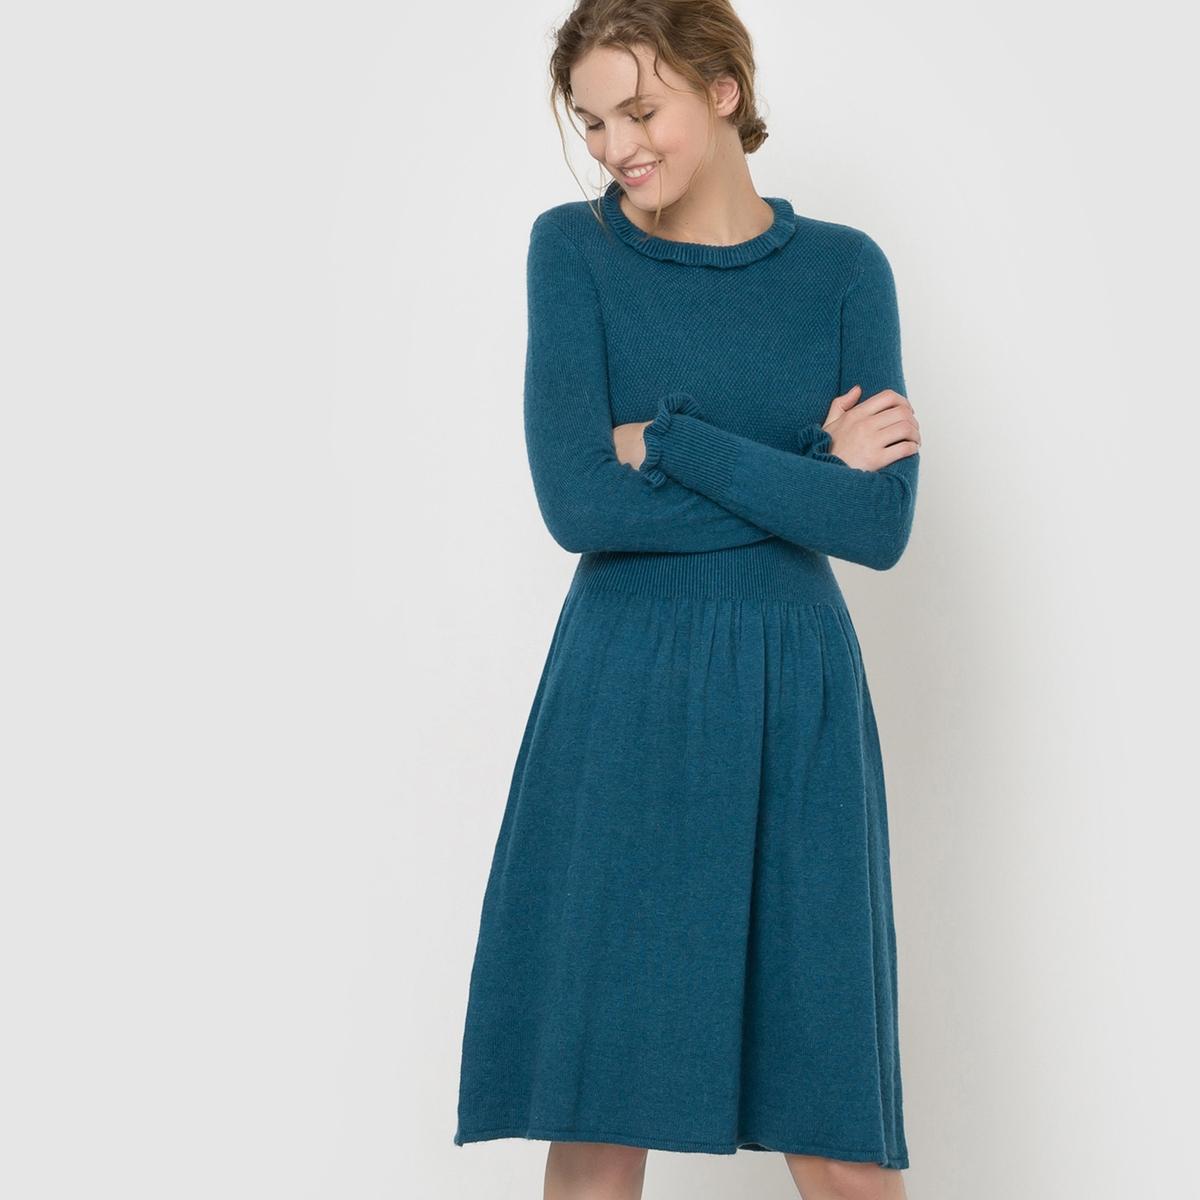 Платье вязаное с воланамиПлатье с длинными рукавами Mademoiselle R. Платье из вязаного трикотажа. Воланы на манжетах и вырезе. Завязки на спине. Высокий воротник. Эластичный пояс. Состав и описаниеМарка : Mademoiselle RМатериал : 50% полиамида, 45% вискозы, 5% альпакиДлина : 100 смУходМашинная стирка при 30 °C   Стирать с вещами схожих цветовСтирать и гладить при очень низкой температуре с изнаночной стороны<br><br>Цвет: бордовый,сине-зеленый<br>Размер: 42/44 (FR) - 48/50 (RUS).46/48 (FR) - 52/54 (RUS)